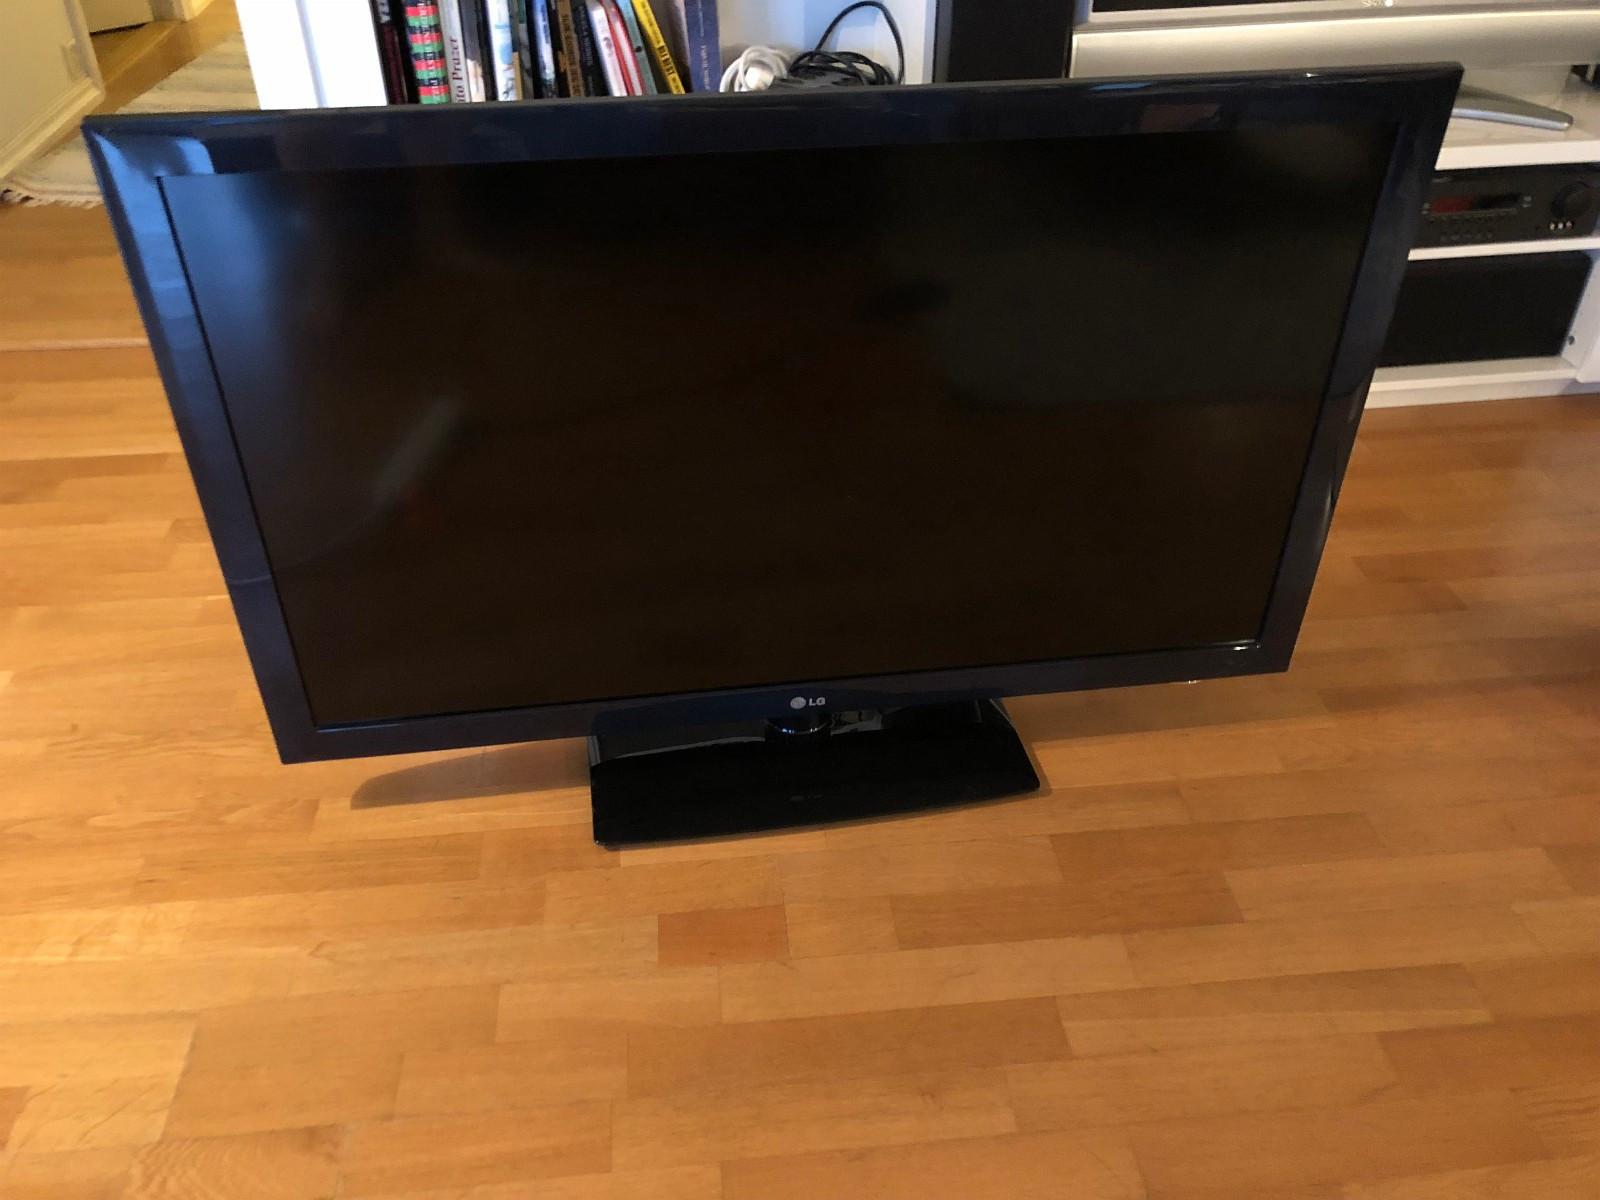 """LG 47"""" TV (47LD450) - Stavanger  - LG 47"""" TV (47LD450) selges grunnet flytting.    Mer info om TV: - https://www.whathifi.com/lg/47ld450/specs - https://www.amazon.co.uk/LG-47LD450-47-inch-Widescreen-Freeview/dp/B003H9N64S - Stavanger"""